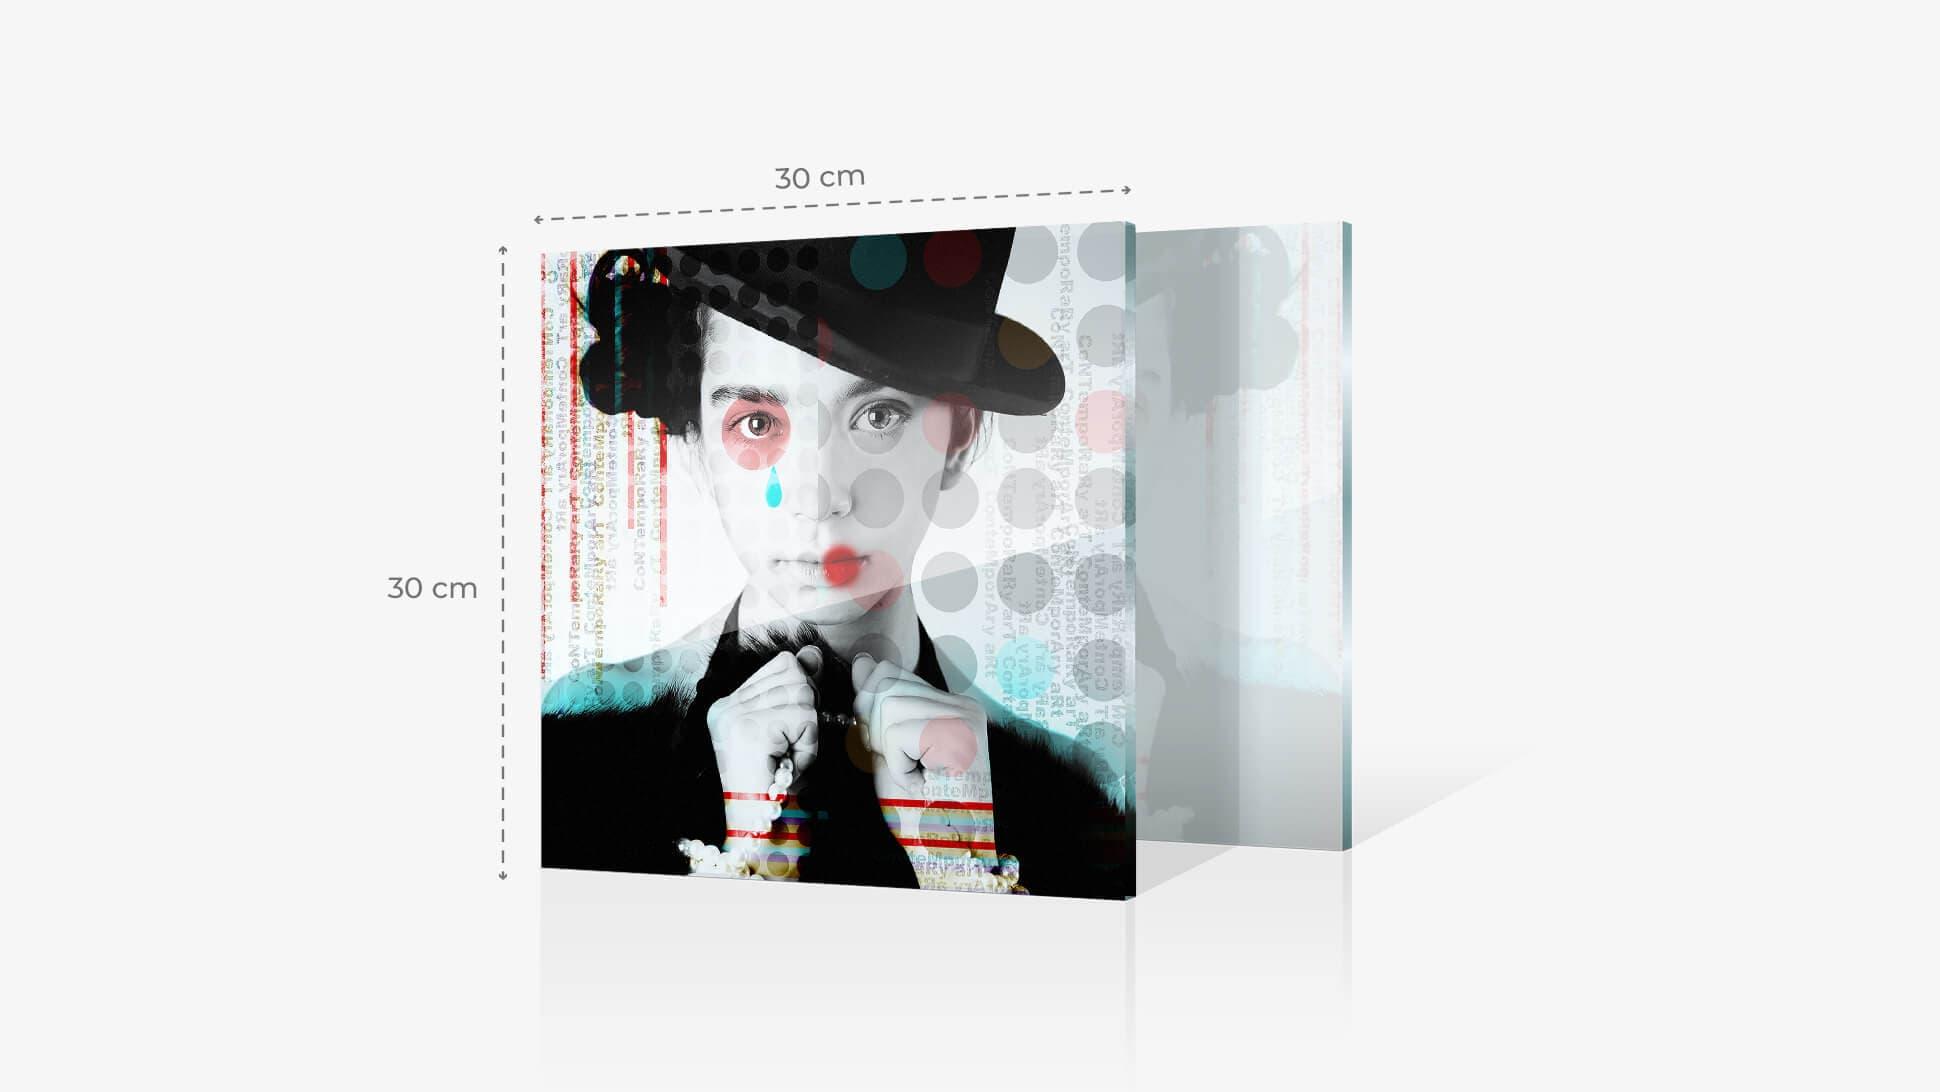 Foto su vetro acrilico 30x30 cm con grafica | tictac.it